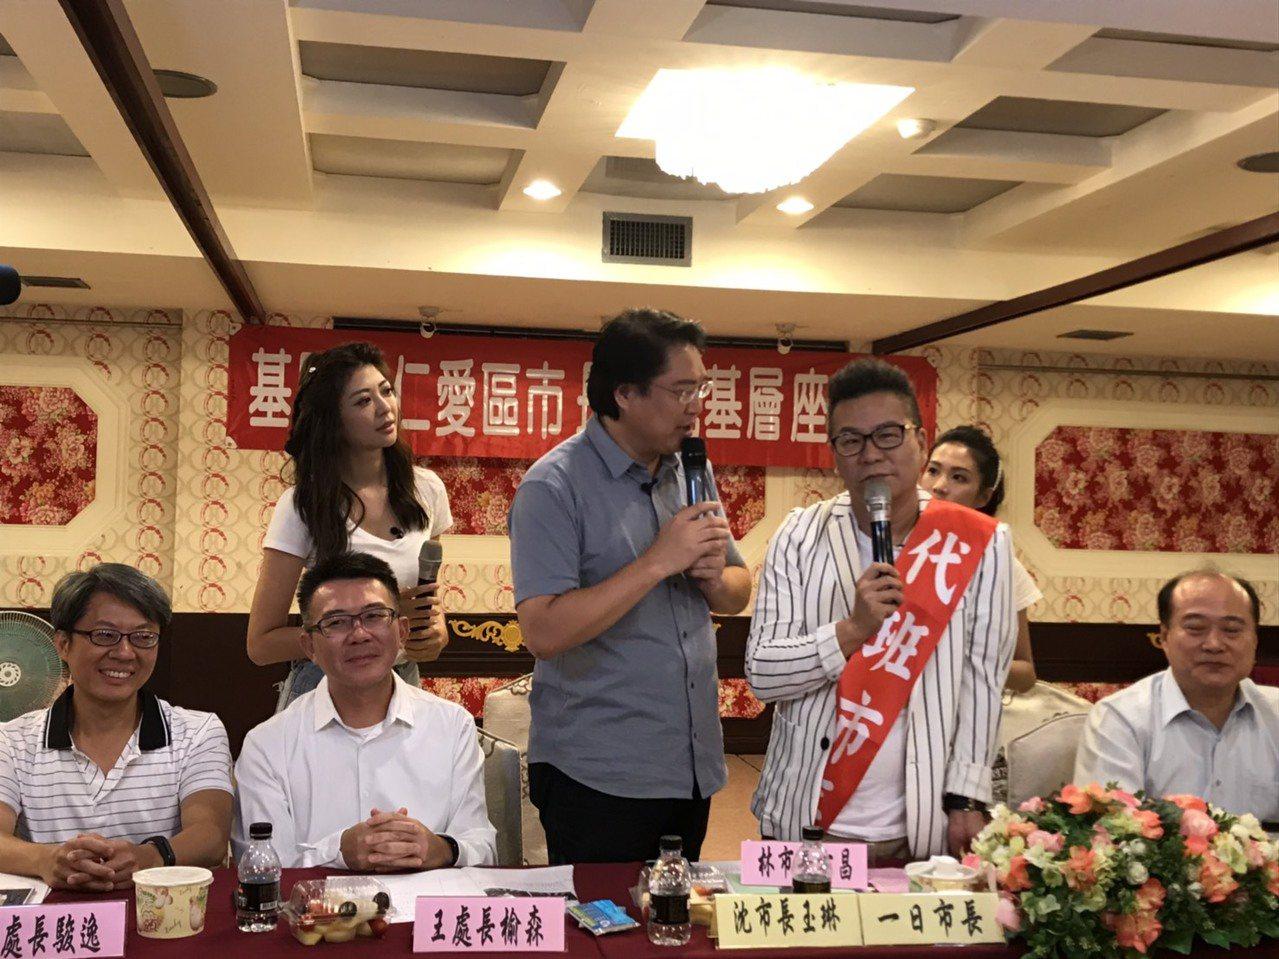 藝人沈玉琳「代班」基隆市長,本尊、里長笑翻。記者游明煌/翻攝